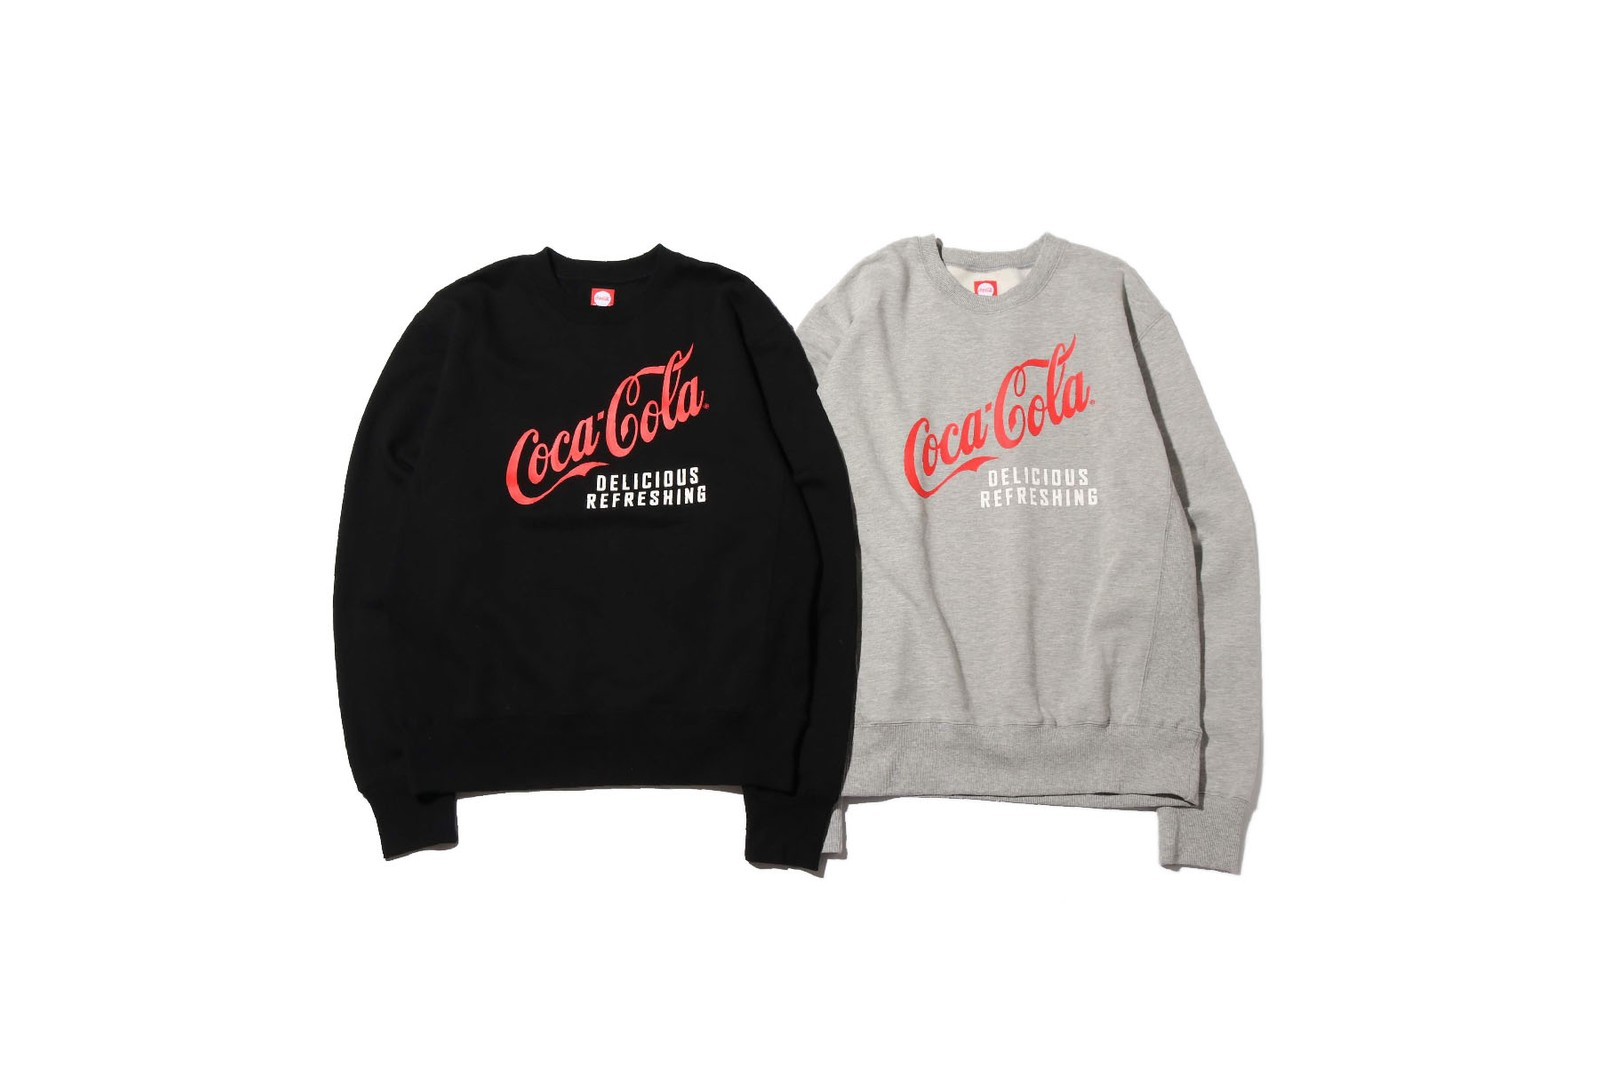 日本初となる Coca-Cola Shop in atmos が原宿にオープン The first Coca-Cola Shop in atmos opens in Harajuku